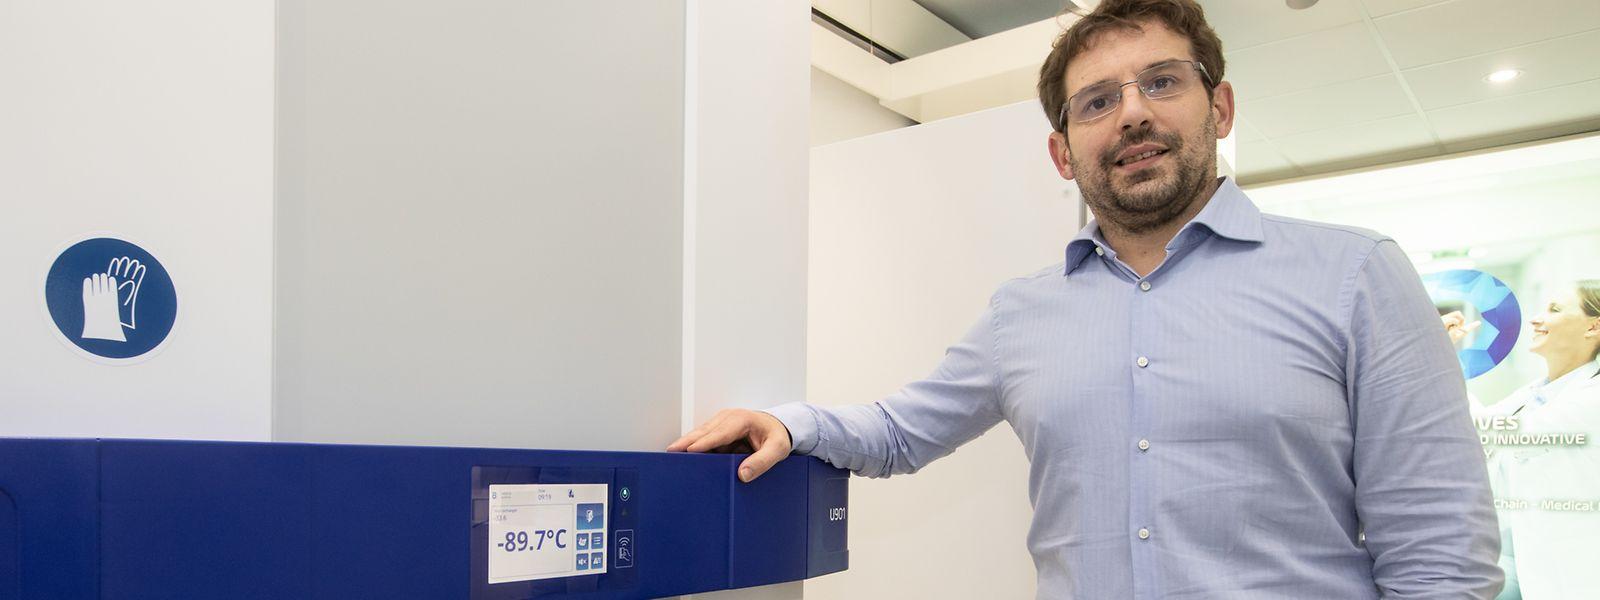 Pour Mario Treinen, directeur des opérations, c'est toute l'usine d'Hosingen qu'il a fallu réorganiser pour assurer le boom des commandes de solutions de stockage très basse température.